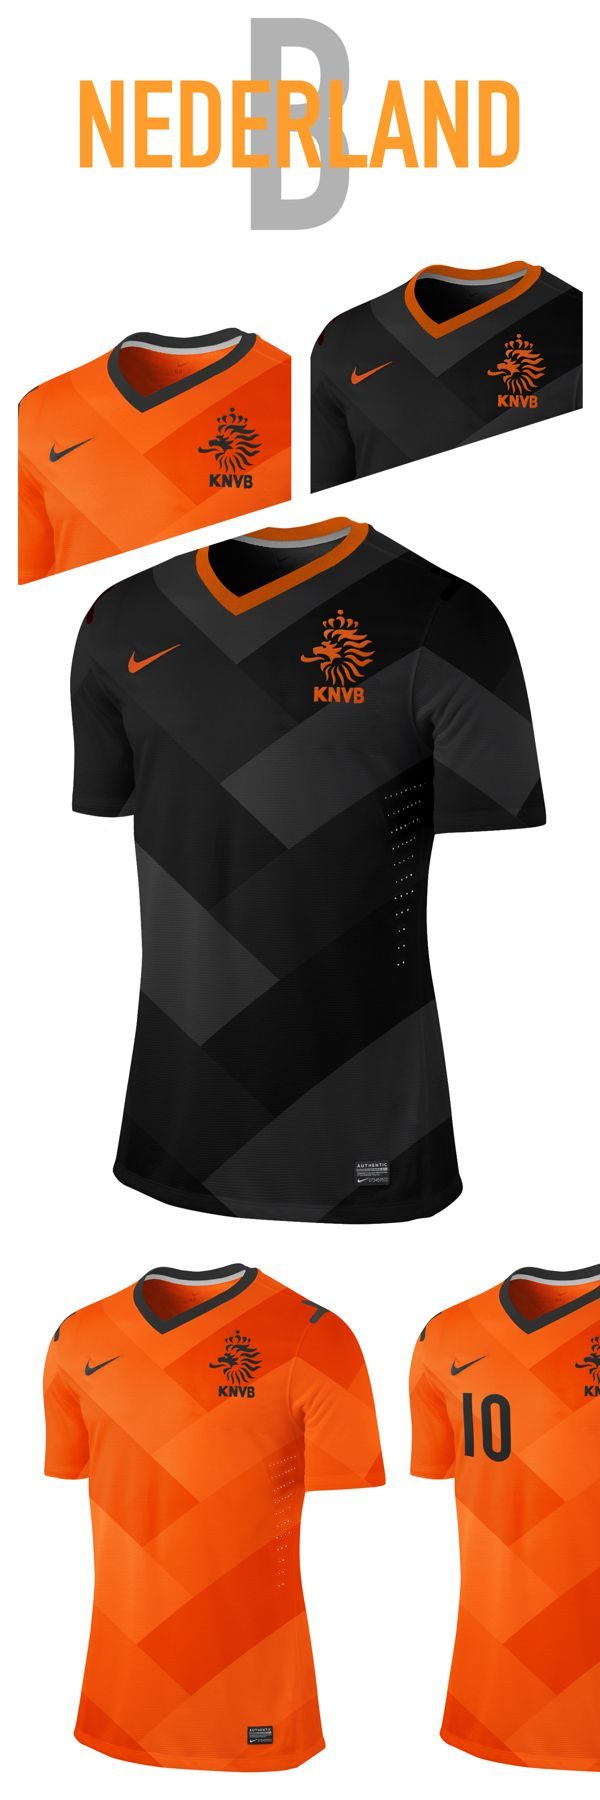 60 Jersey Ideas Soccer Jersey Football Shirts Jersey Design